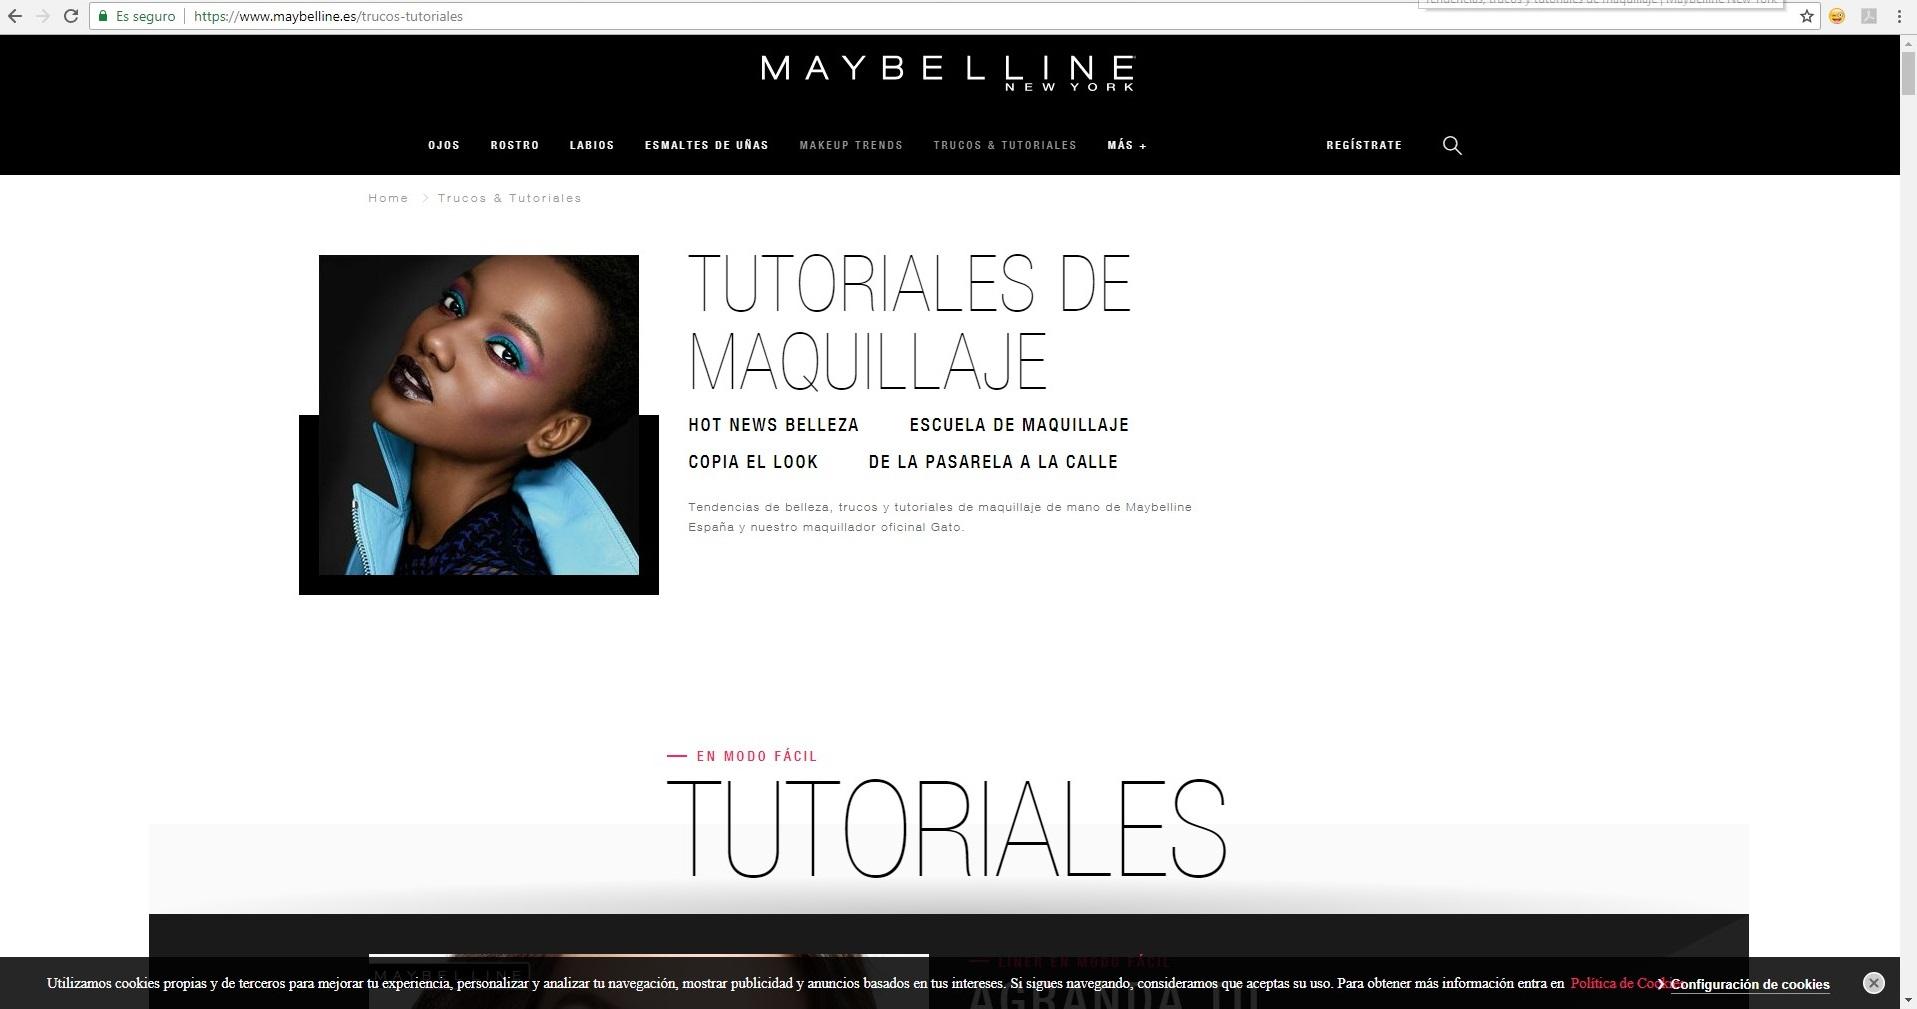 estrategia de contenidos en blog de maybelline